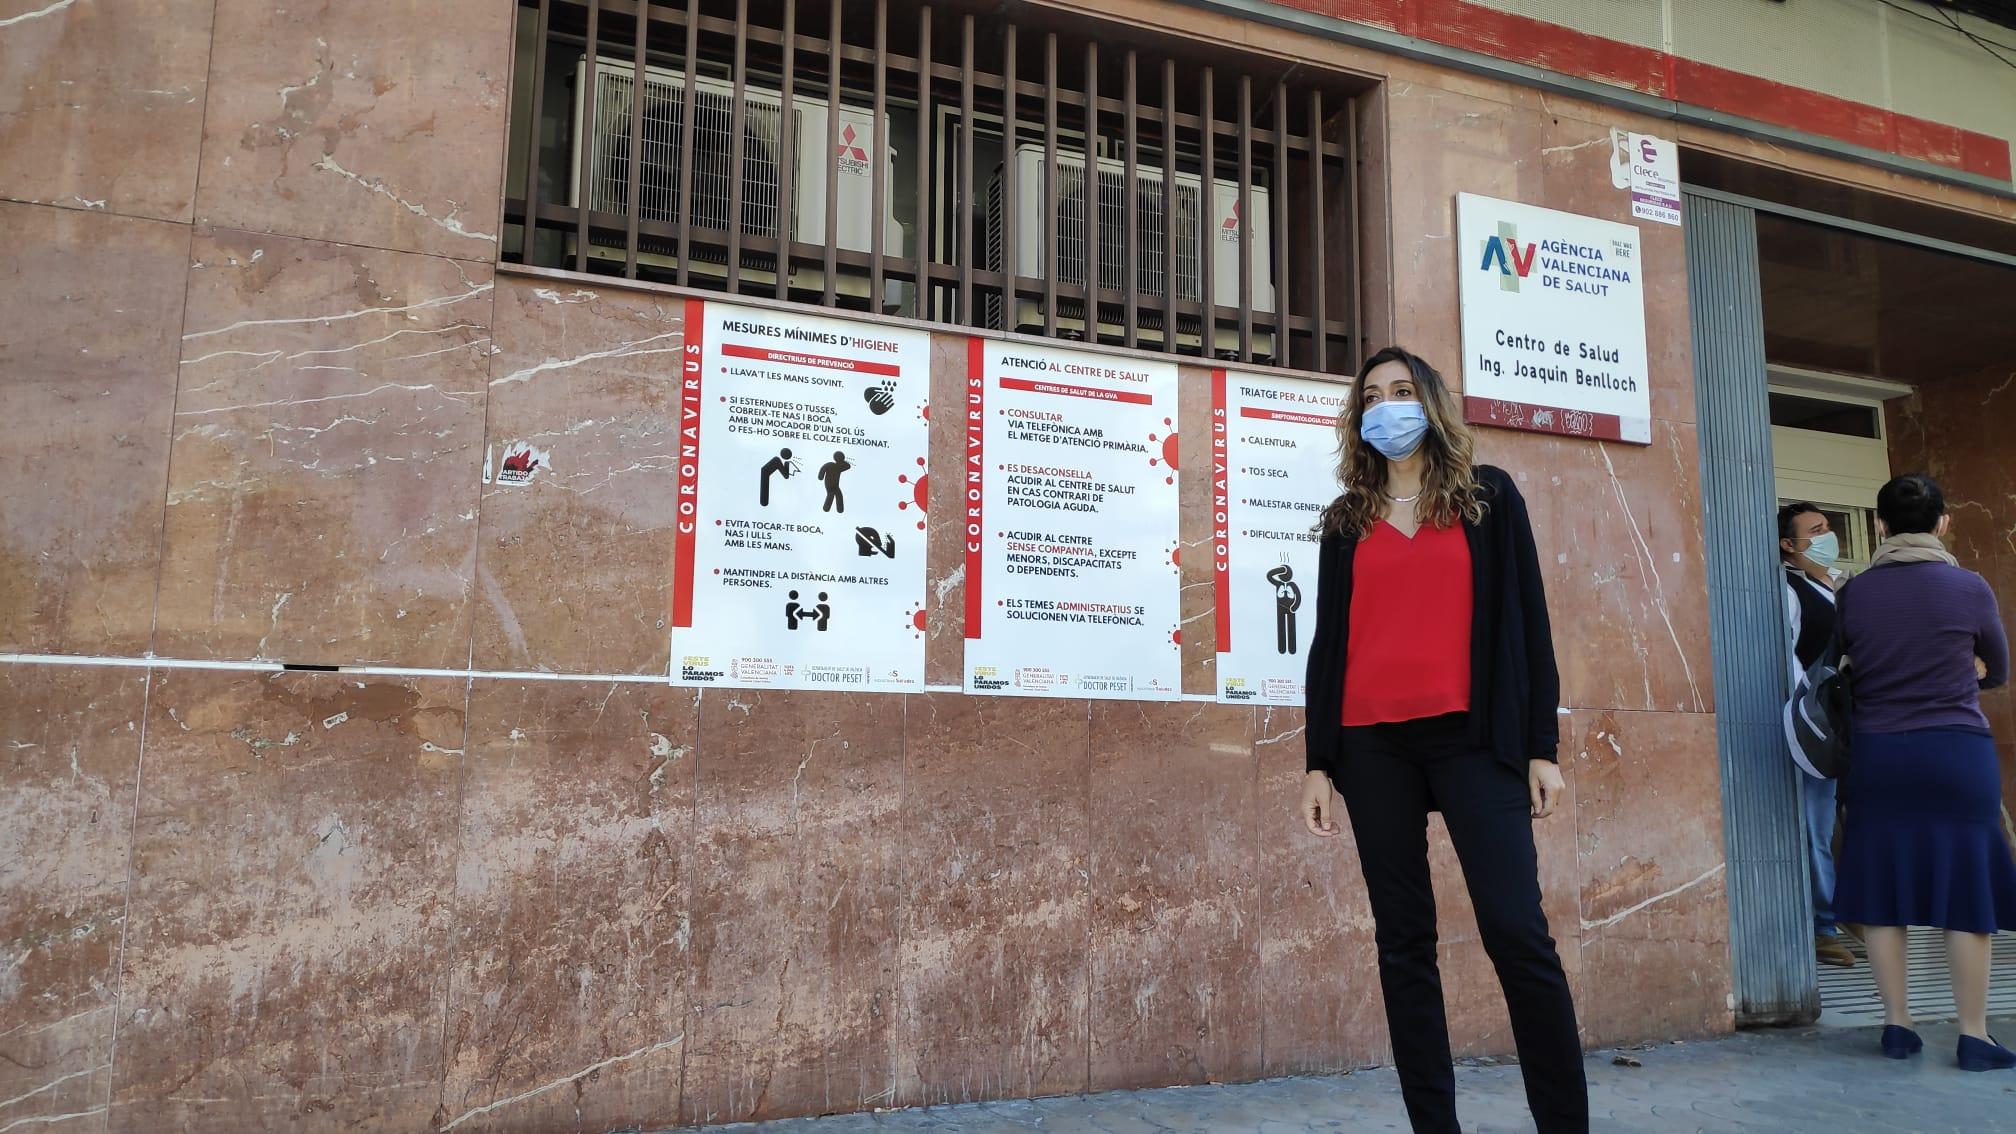 Entrevista con Isaura Navarro | Secretaria Autonómica de Salud Pública y Sistema Sanitario Público